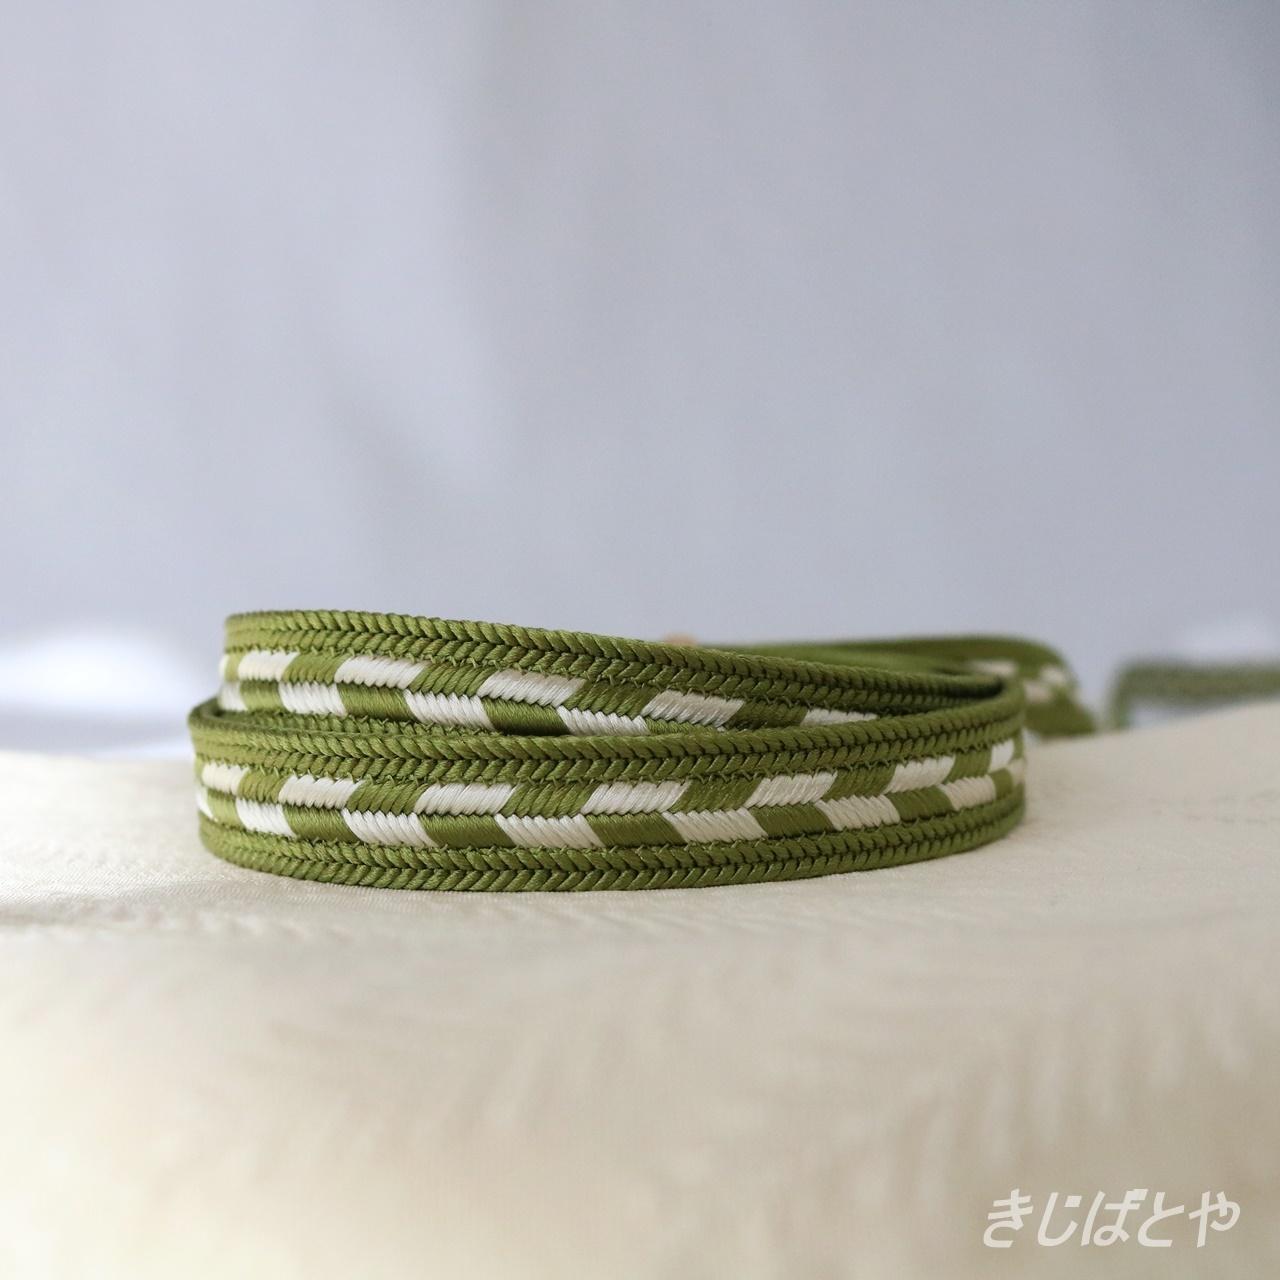 正絹 矢羽根の帯締め 緑衫(ろくそう)